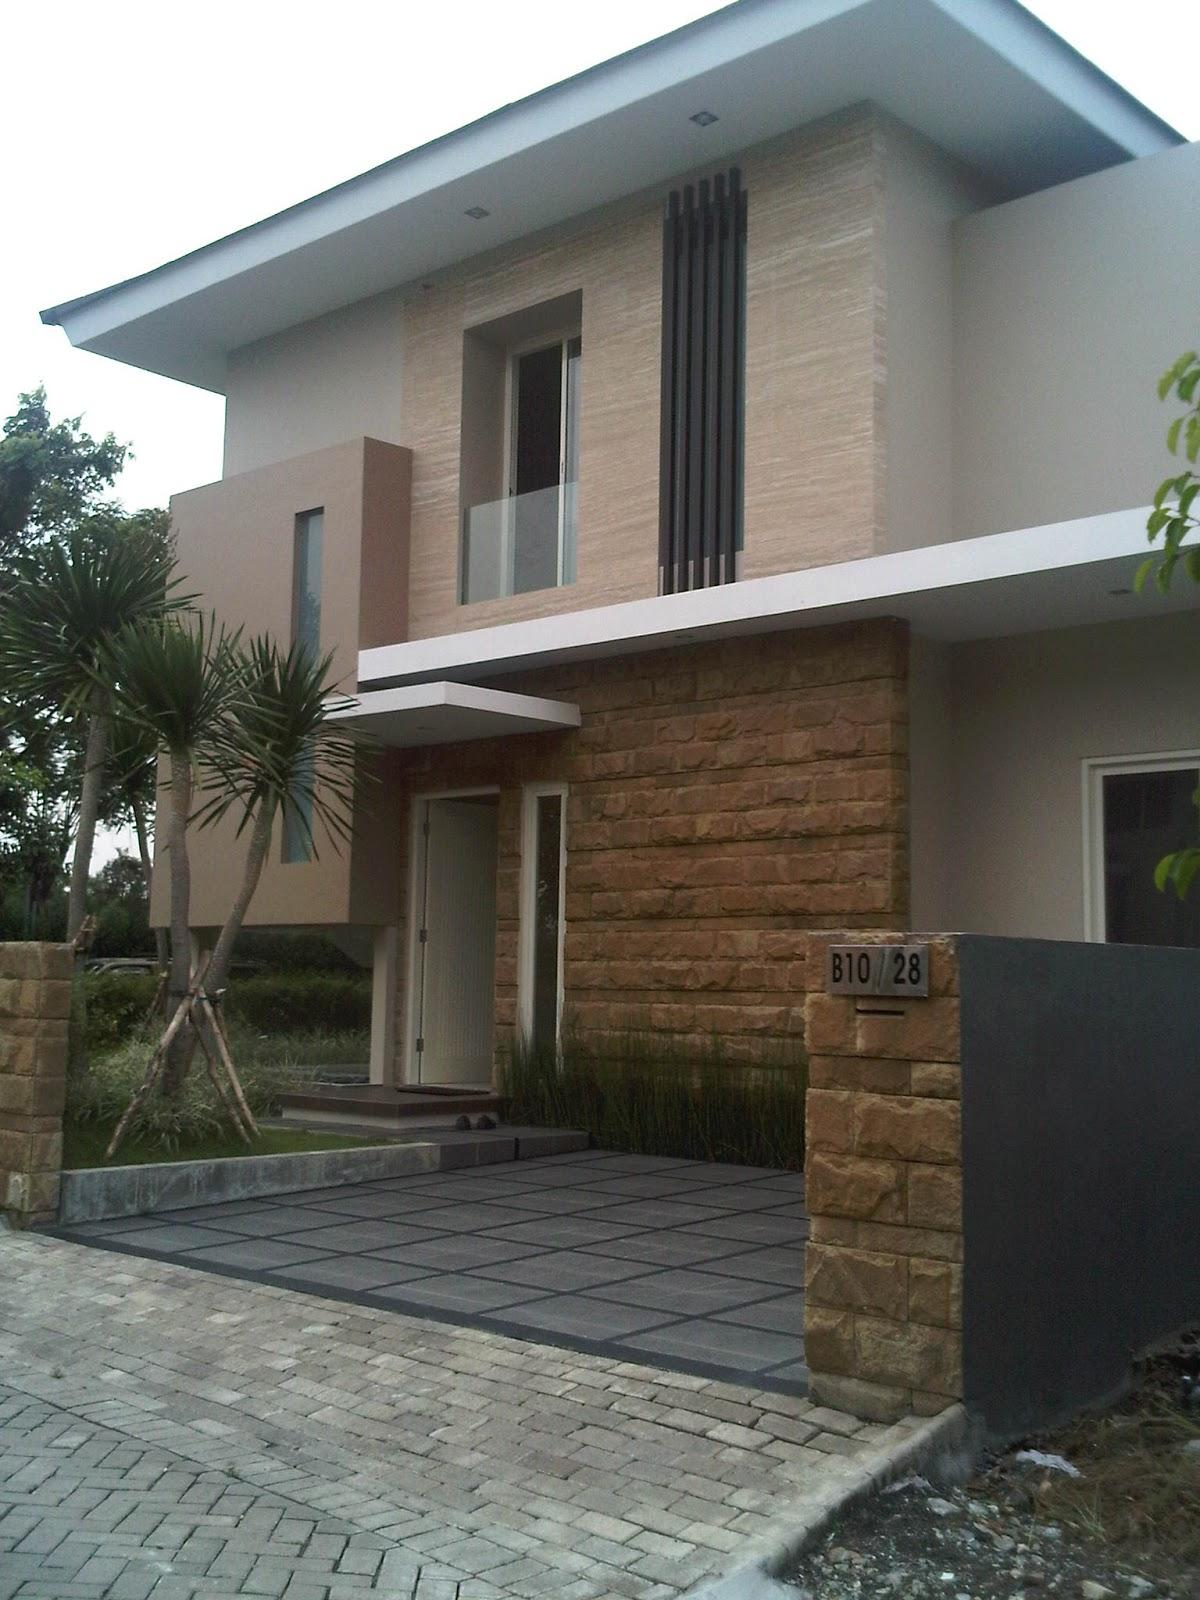 Aneka ide Desain Rumah Taman Indah 2015 yg bagus